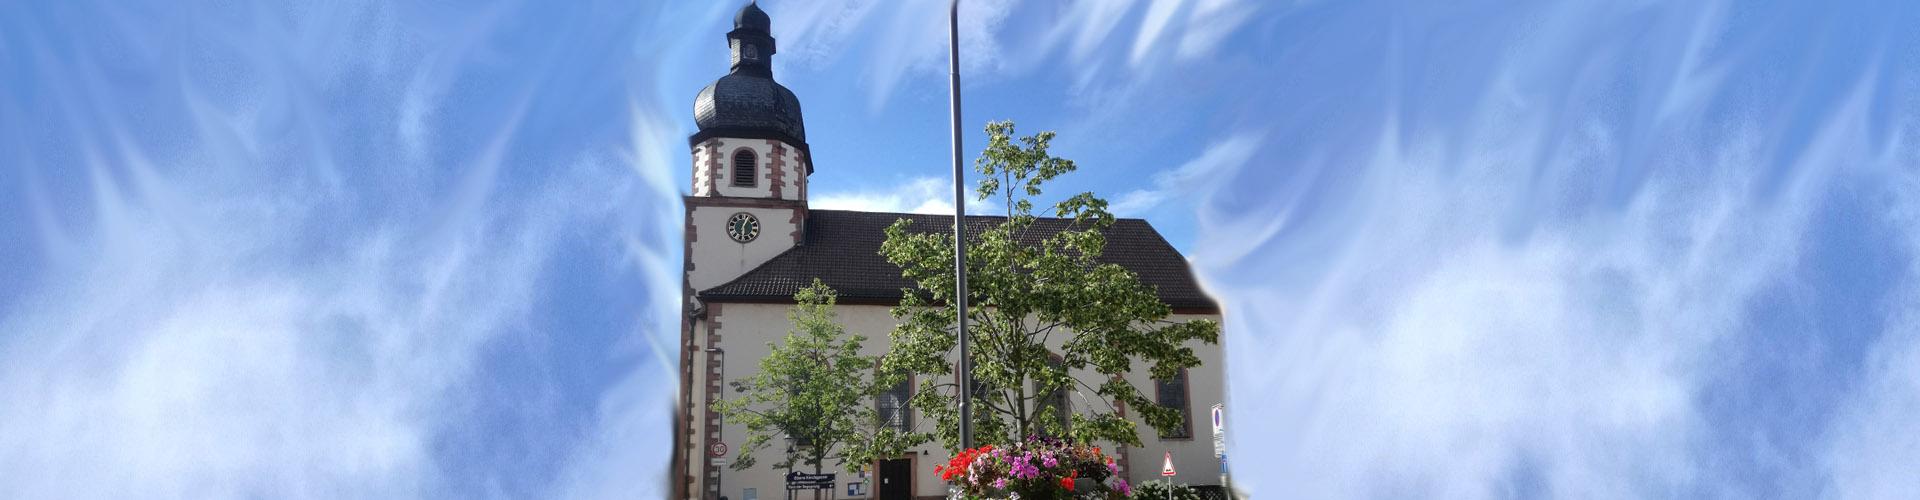 leonharduskirche_blau